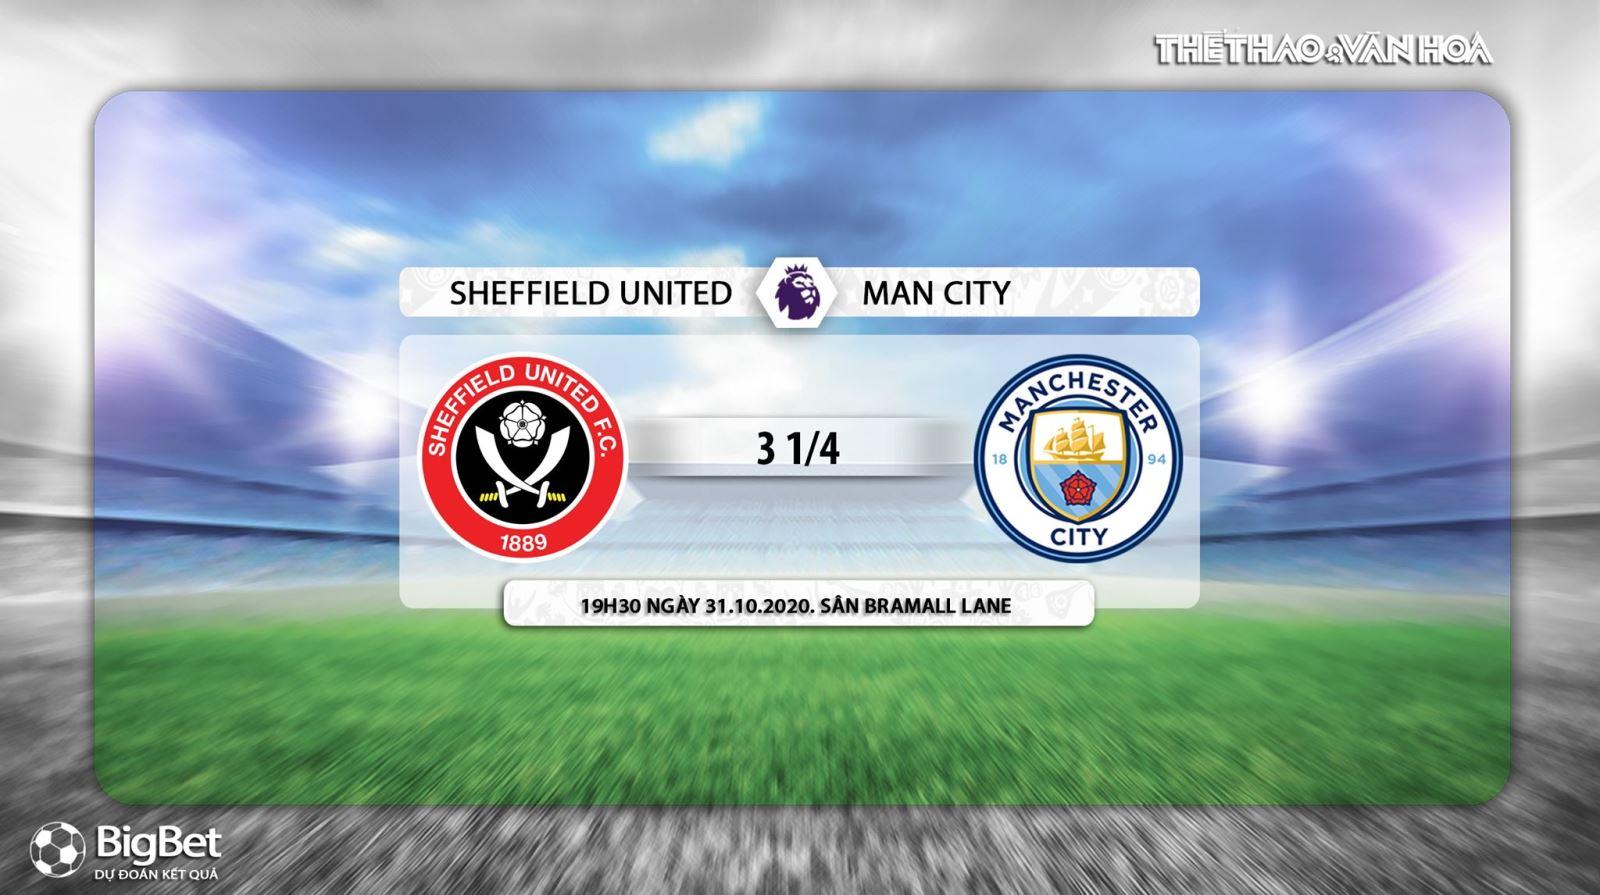 Keo nha cai, kèo nhà cái, Sheffield Utd vs Man City, K+PM, Truc tiep bong da, Ngoại hạng Anh, soi kèo bóng đá, trực tiếp Sheffield Utd đấu với Man City, kèo Man City